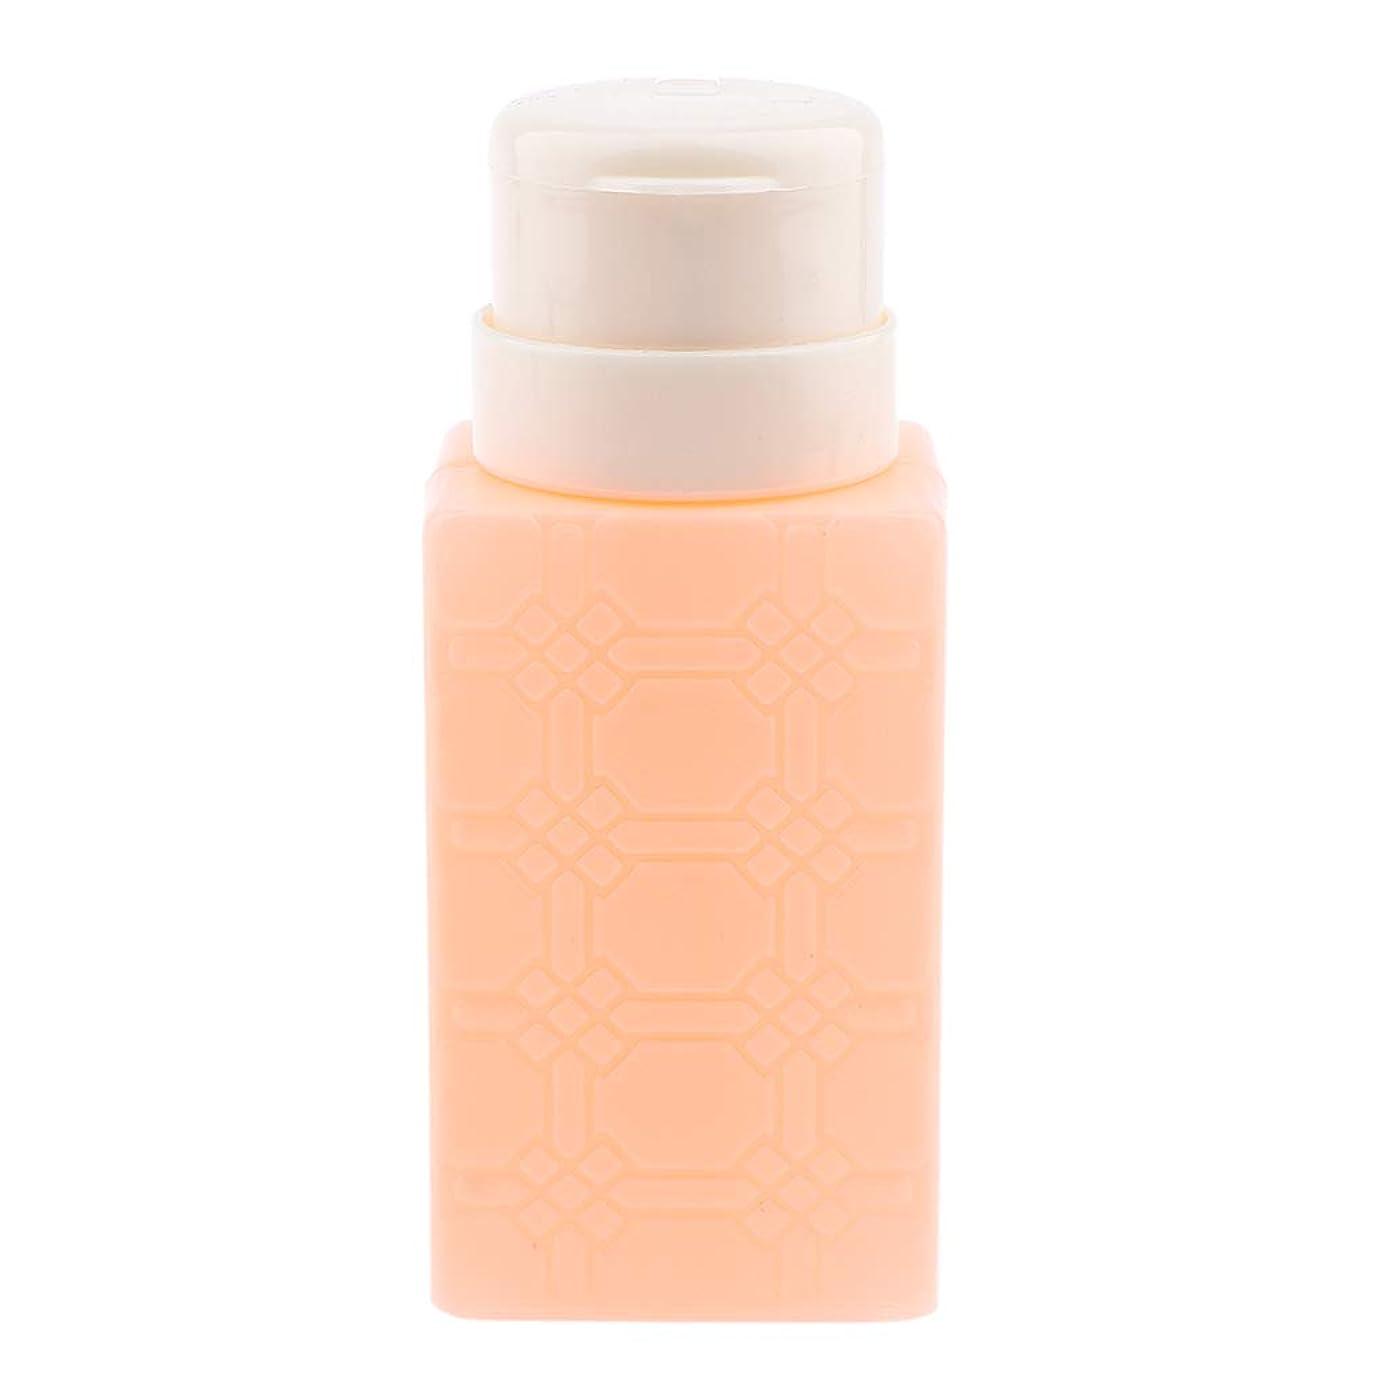 傀儡ずんぐりした冬P Prettyia 200ml ネイルアート ディスペンサーポンプボトル ネイルサロン 4色選べ - オレンジ